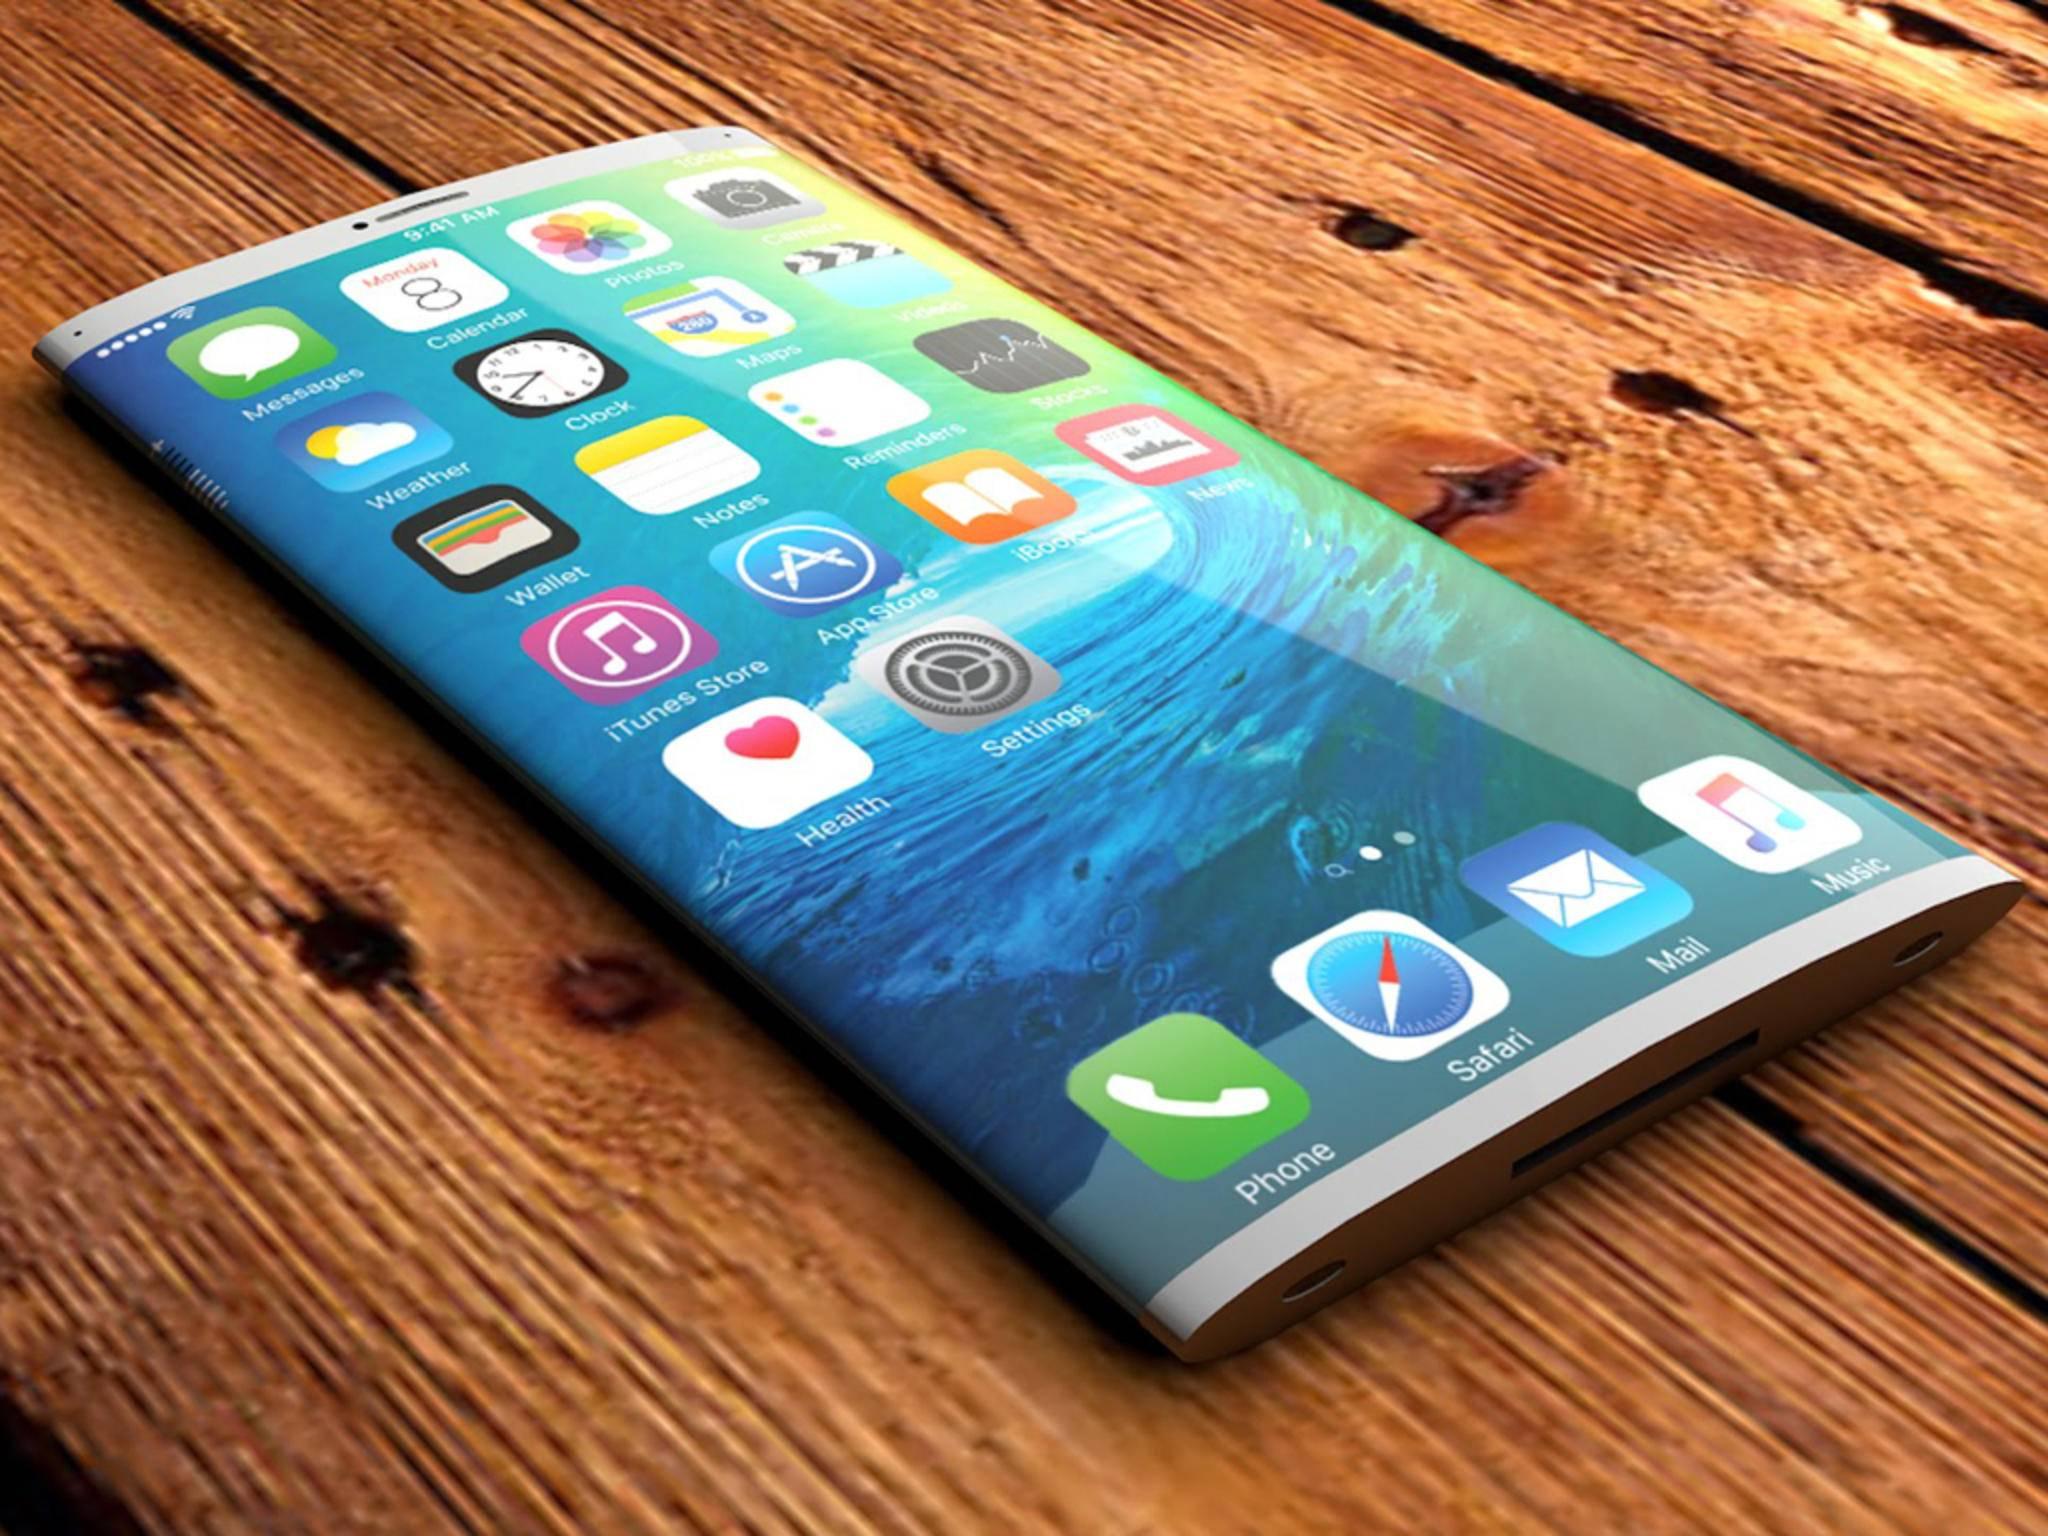 EIn Apple-Patent beschreibt ein iPhone mit einem 360-Grad-Display.